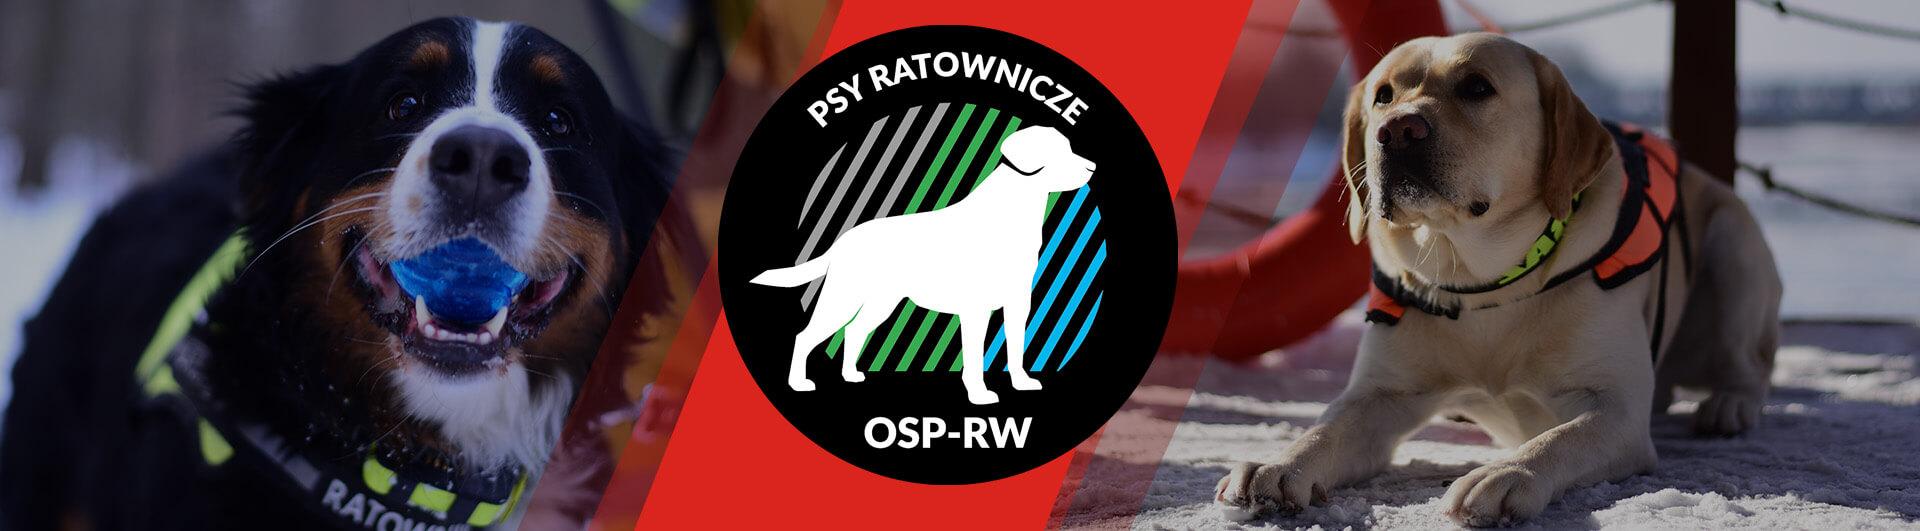 osp rw modlin twierdza ochotniczas straż pożarna ratownictwo wodne psy ratownicze